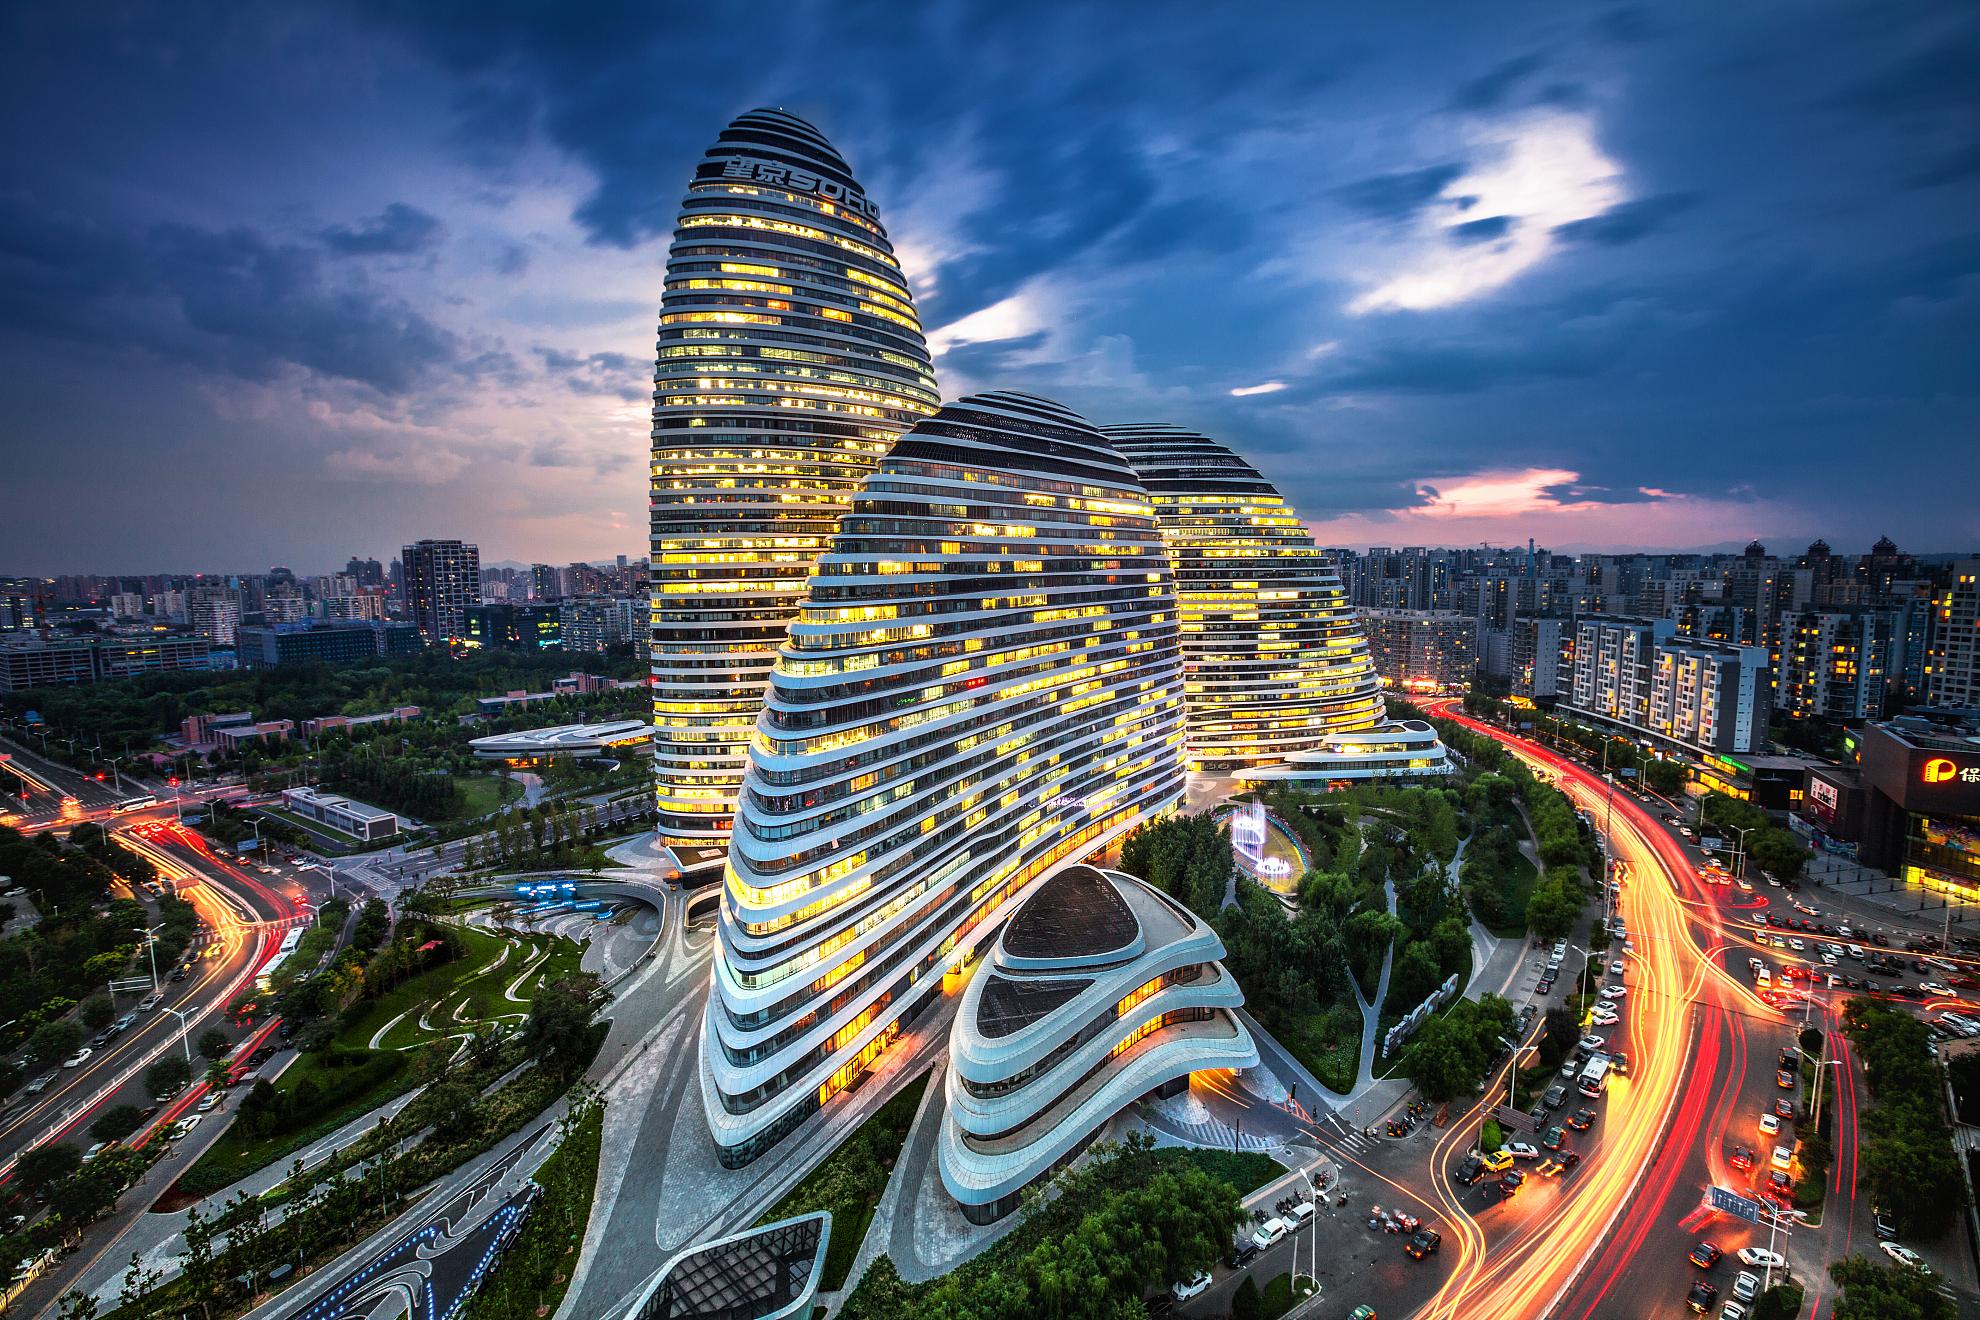 香港游记攻略_北京图片大全_北京风景图片/景点照片/旅游摄影【驴妈妈攻略】